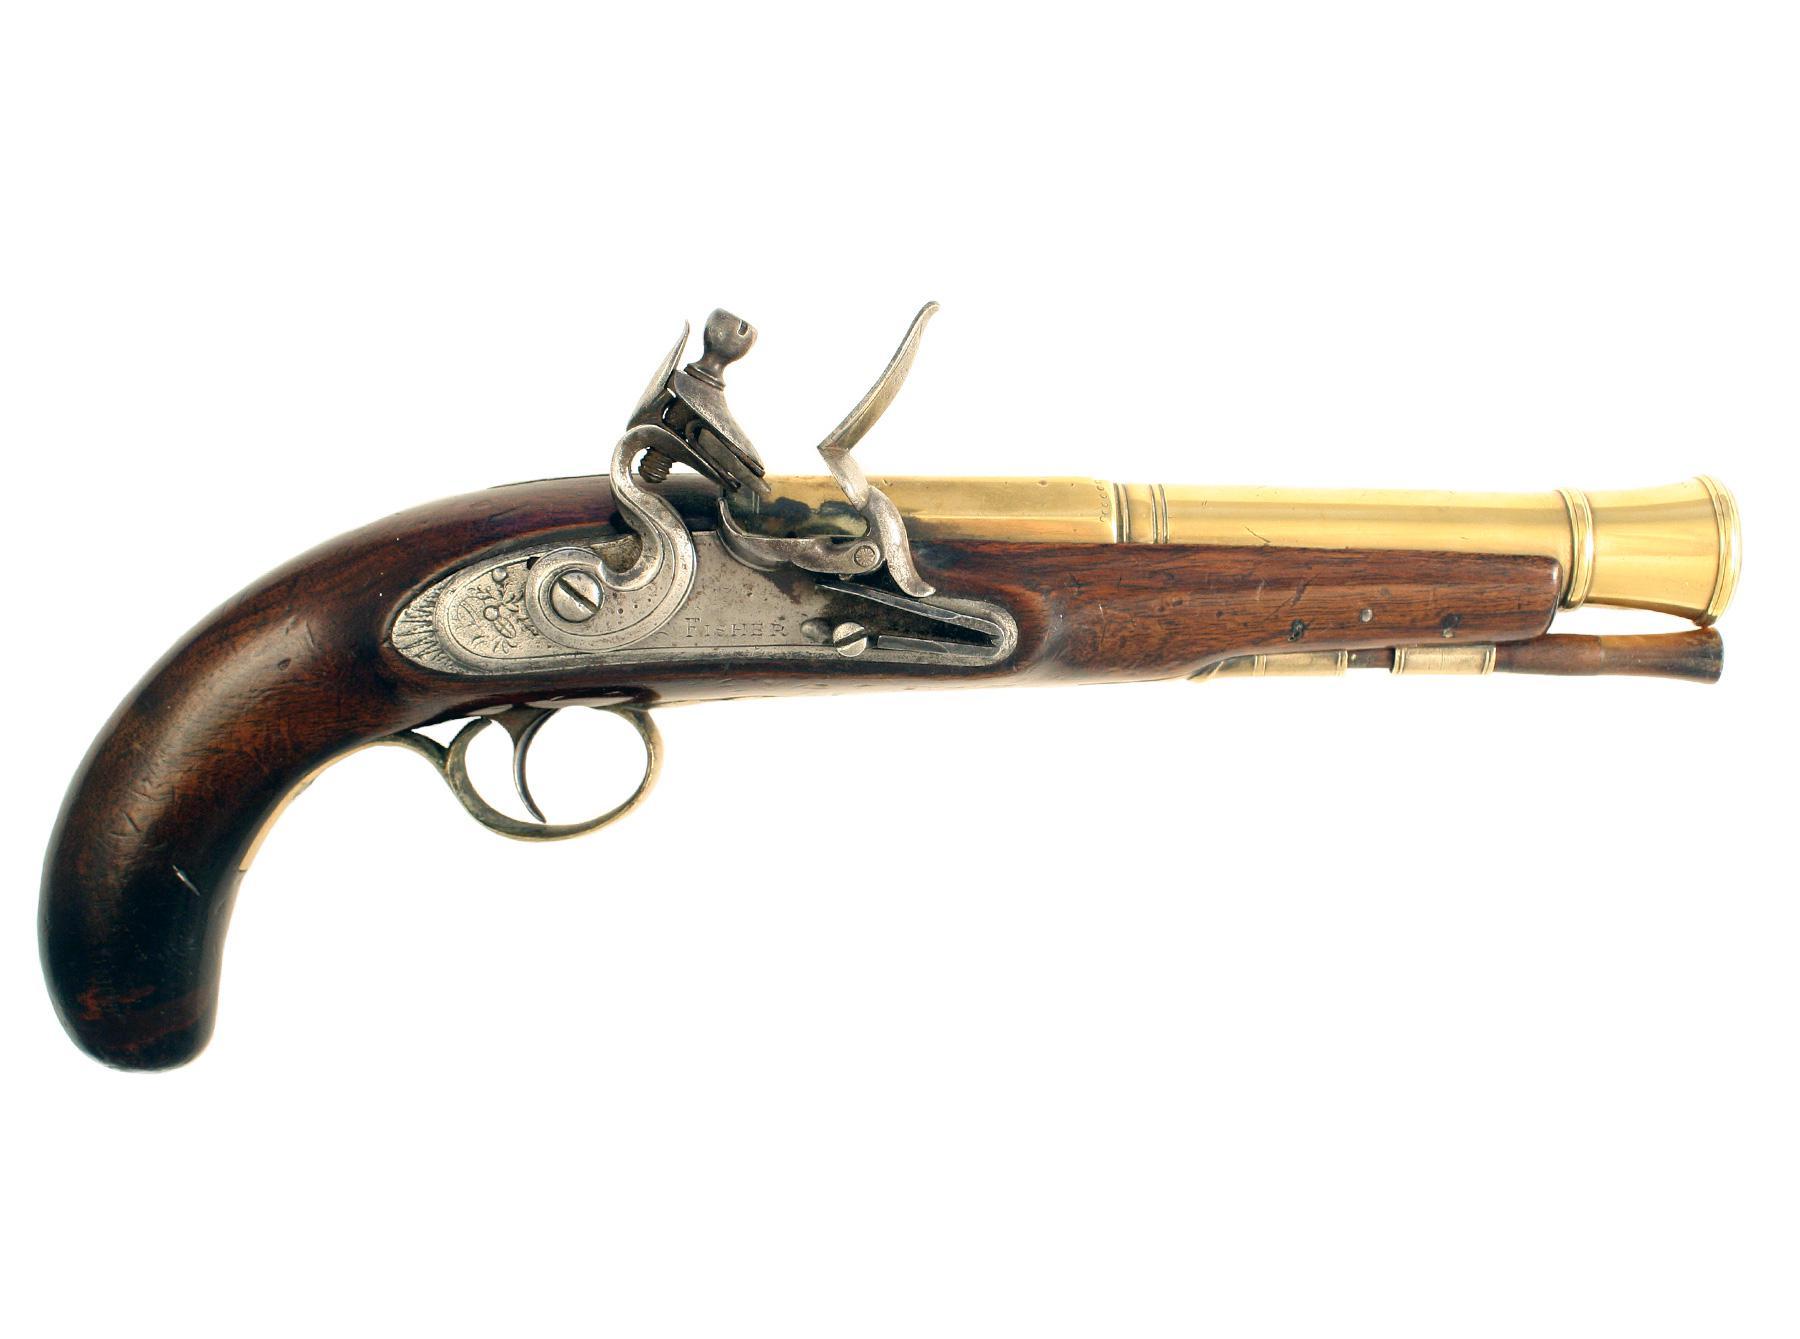 A Flintlock Blunderbuss Pistol by Fisher